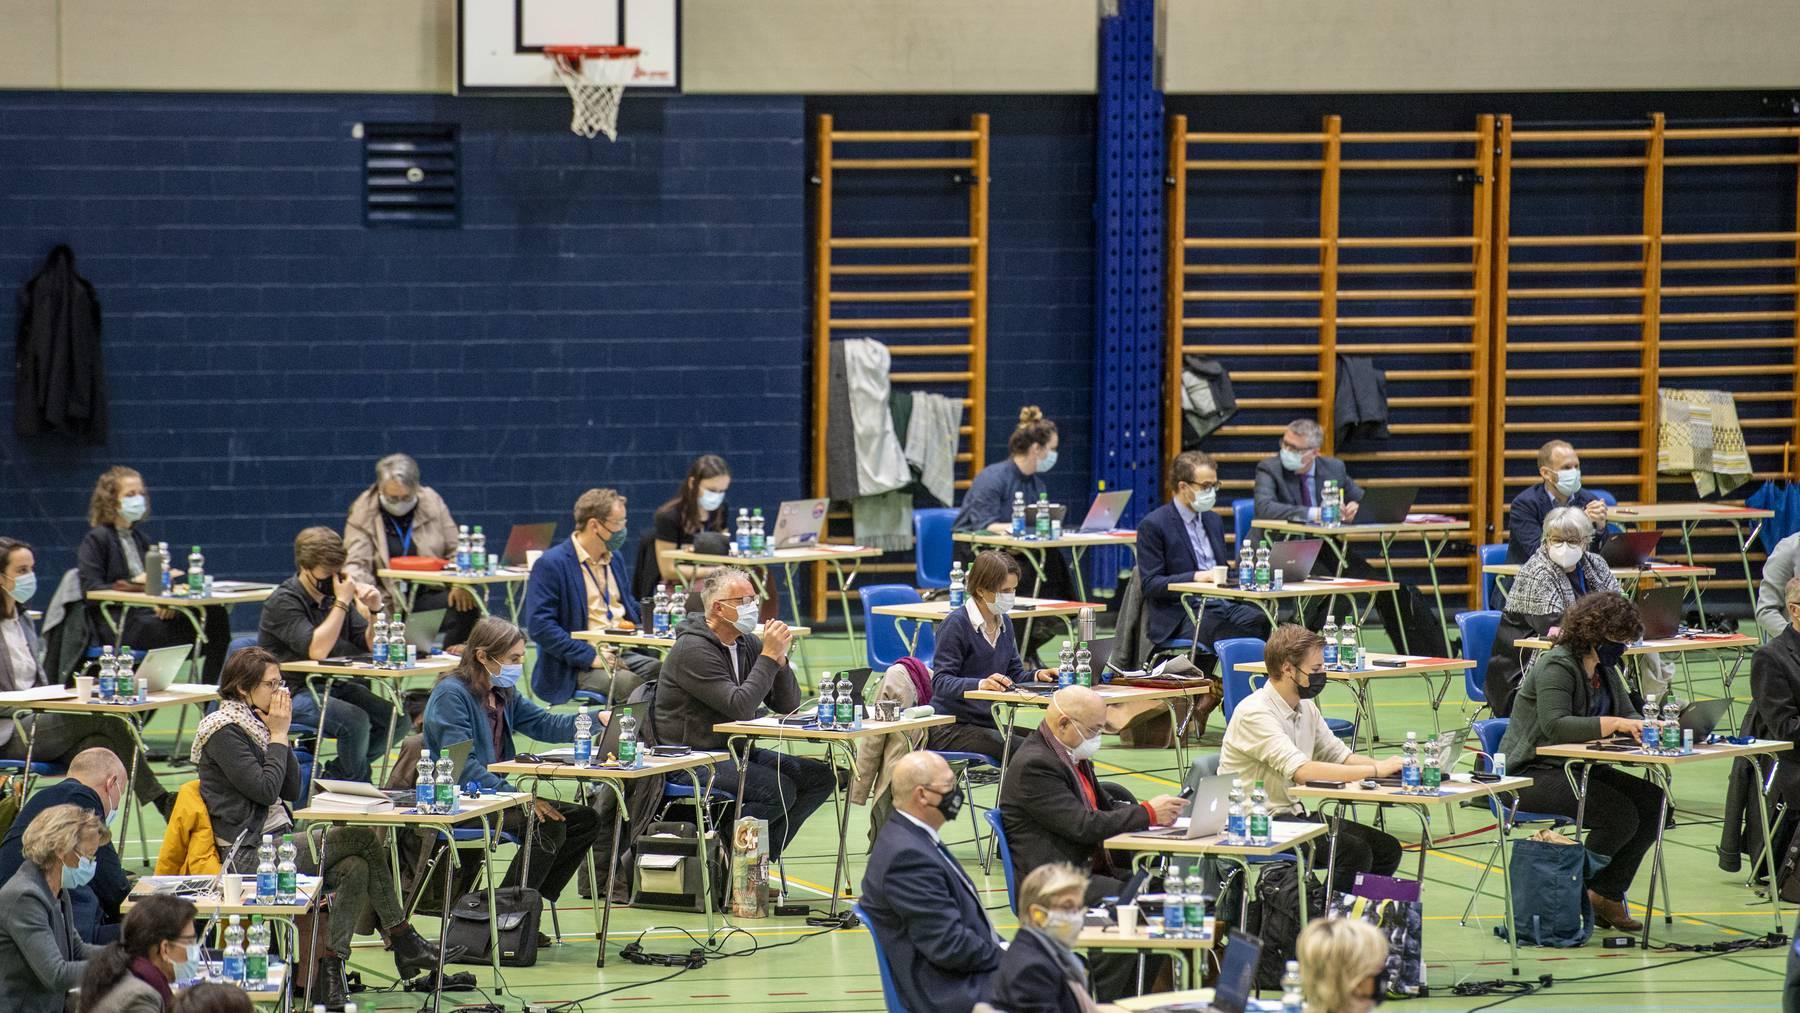 Die Luzerner Kantonsraete waehrend der Luzerner Kantonsratssitzung vom Montag, 15. Maerz 2021 in der Stadthalle in Sursee waehrend der Corona-Pandemie.